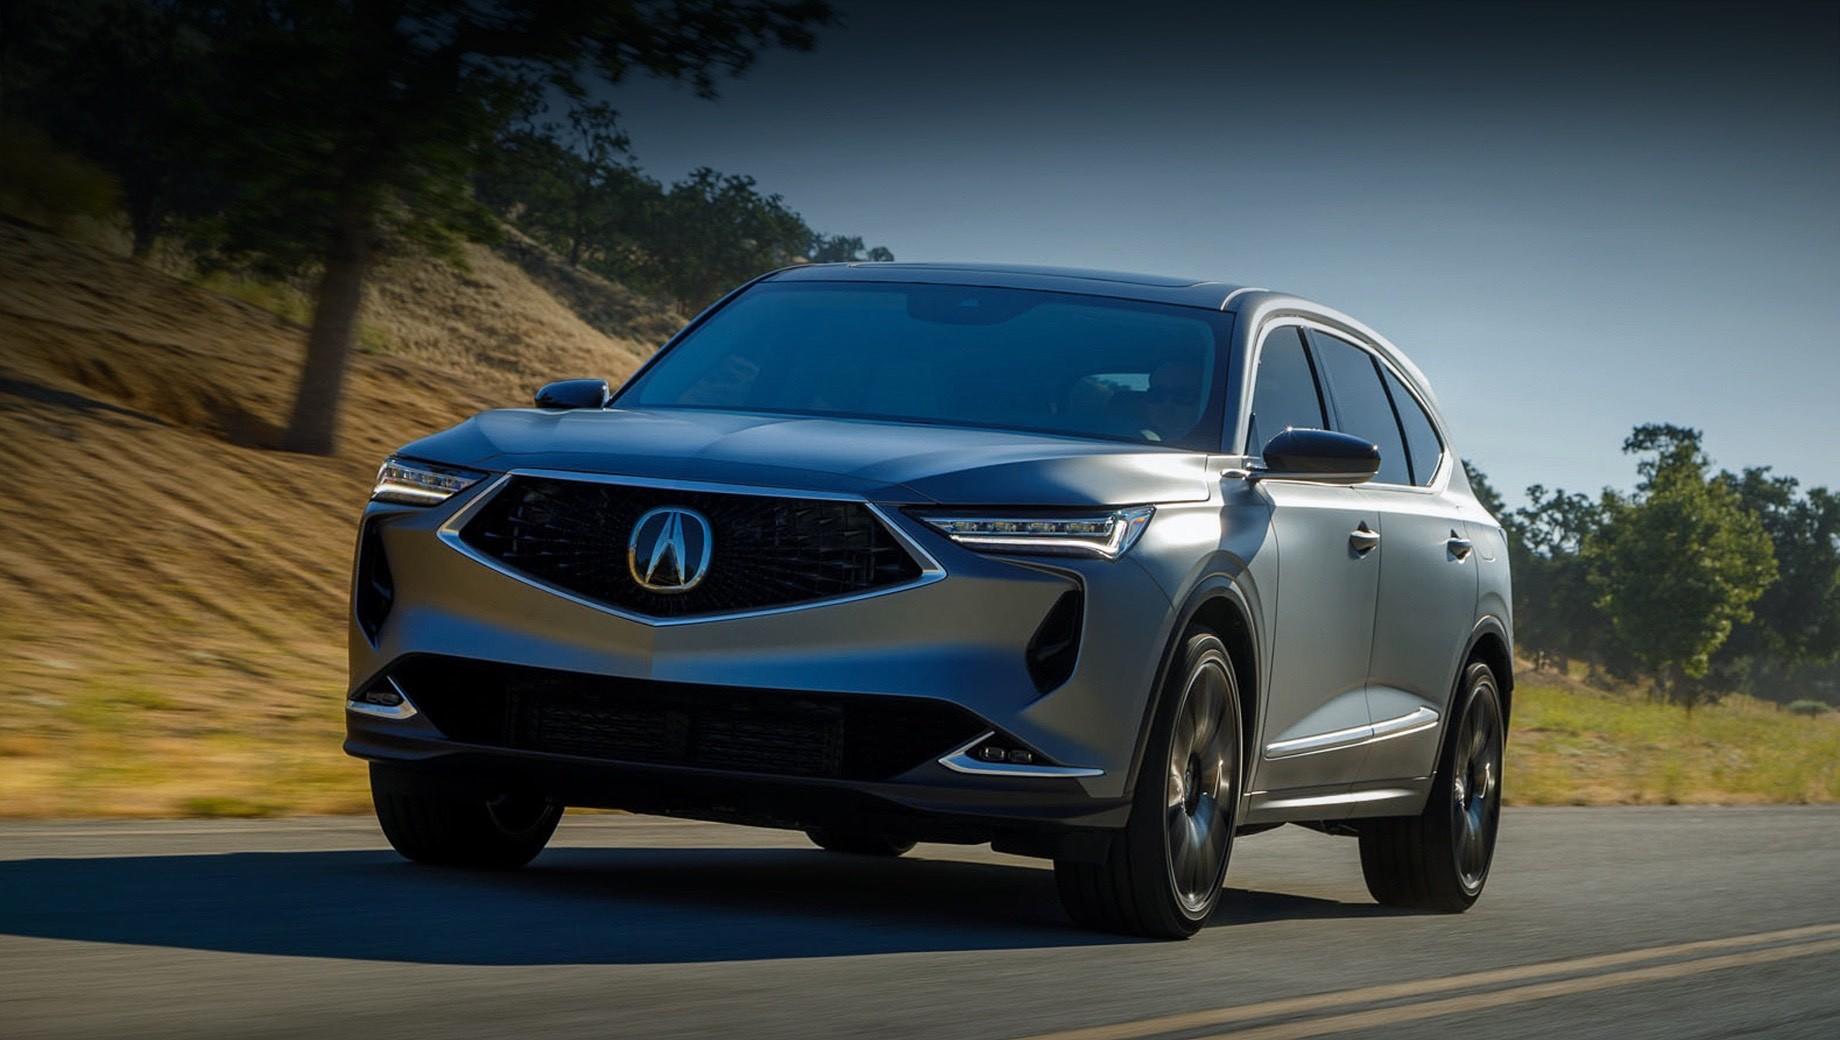 Acura mdx. Все подробности о модели Acura MDX четвёртой генерации представят непосредственно перед стартом продаж. В начале 2021-го покупателям предложат версии с мотором V6 3.5, а модификация с турбомотором V6 3.0 выйдет летом того же года. Выпуск наладят на заводе в Огайо, как и прежде. К слову, за 20 лет в США купили больше миллиона автомобилей Acura MDX.